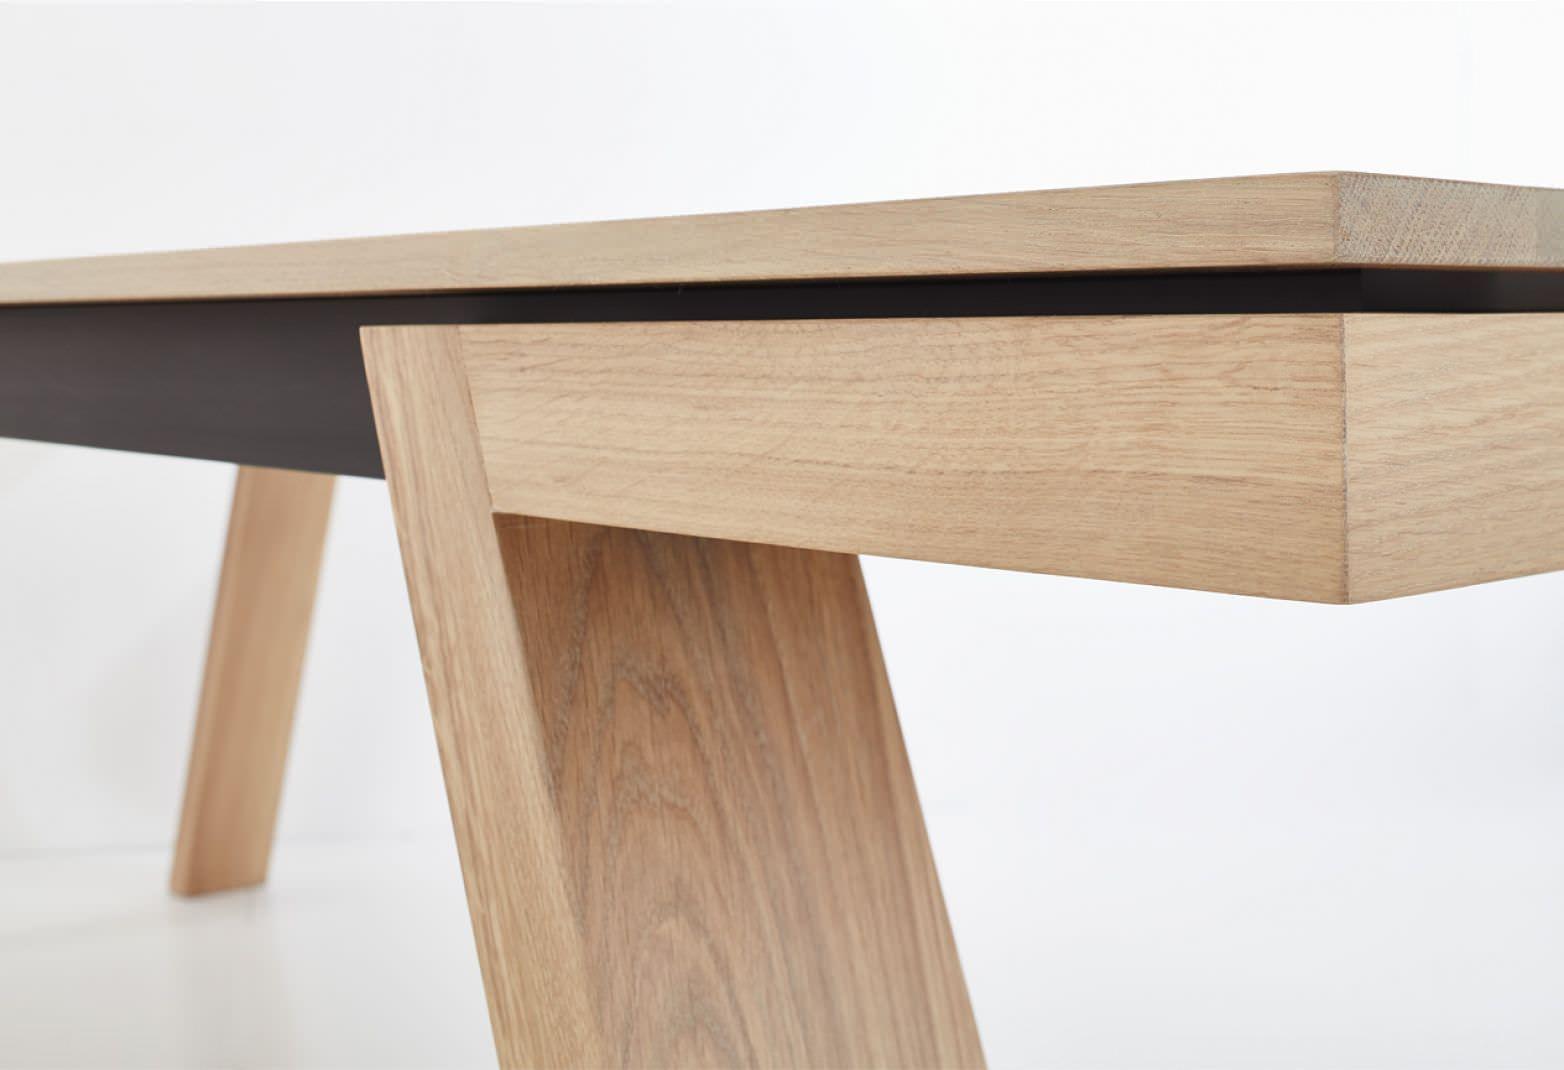 Esstisch Modern Holz 71018 6948049 Jpg 1564 1070 Esstisch Modern Holztisch Esstisch